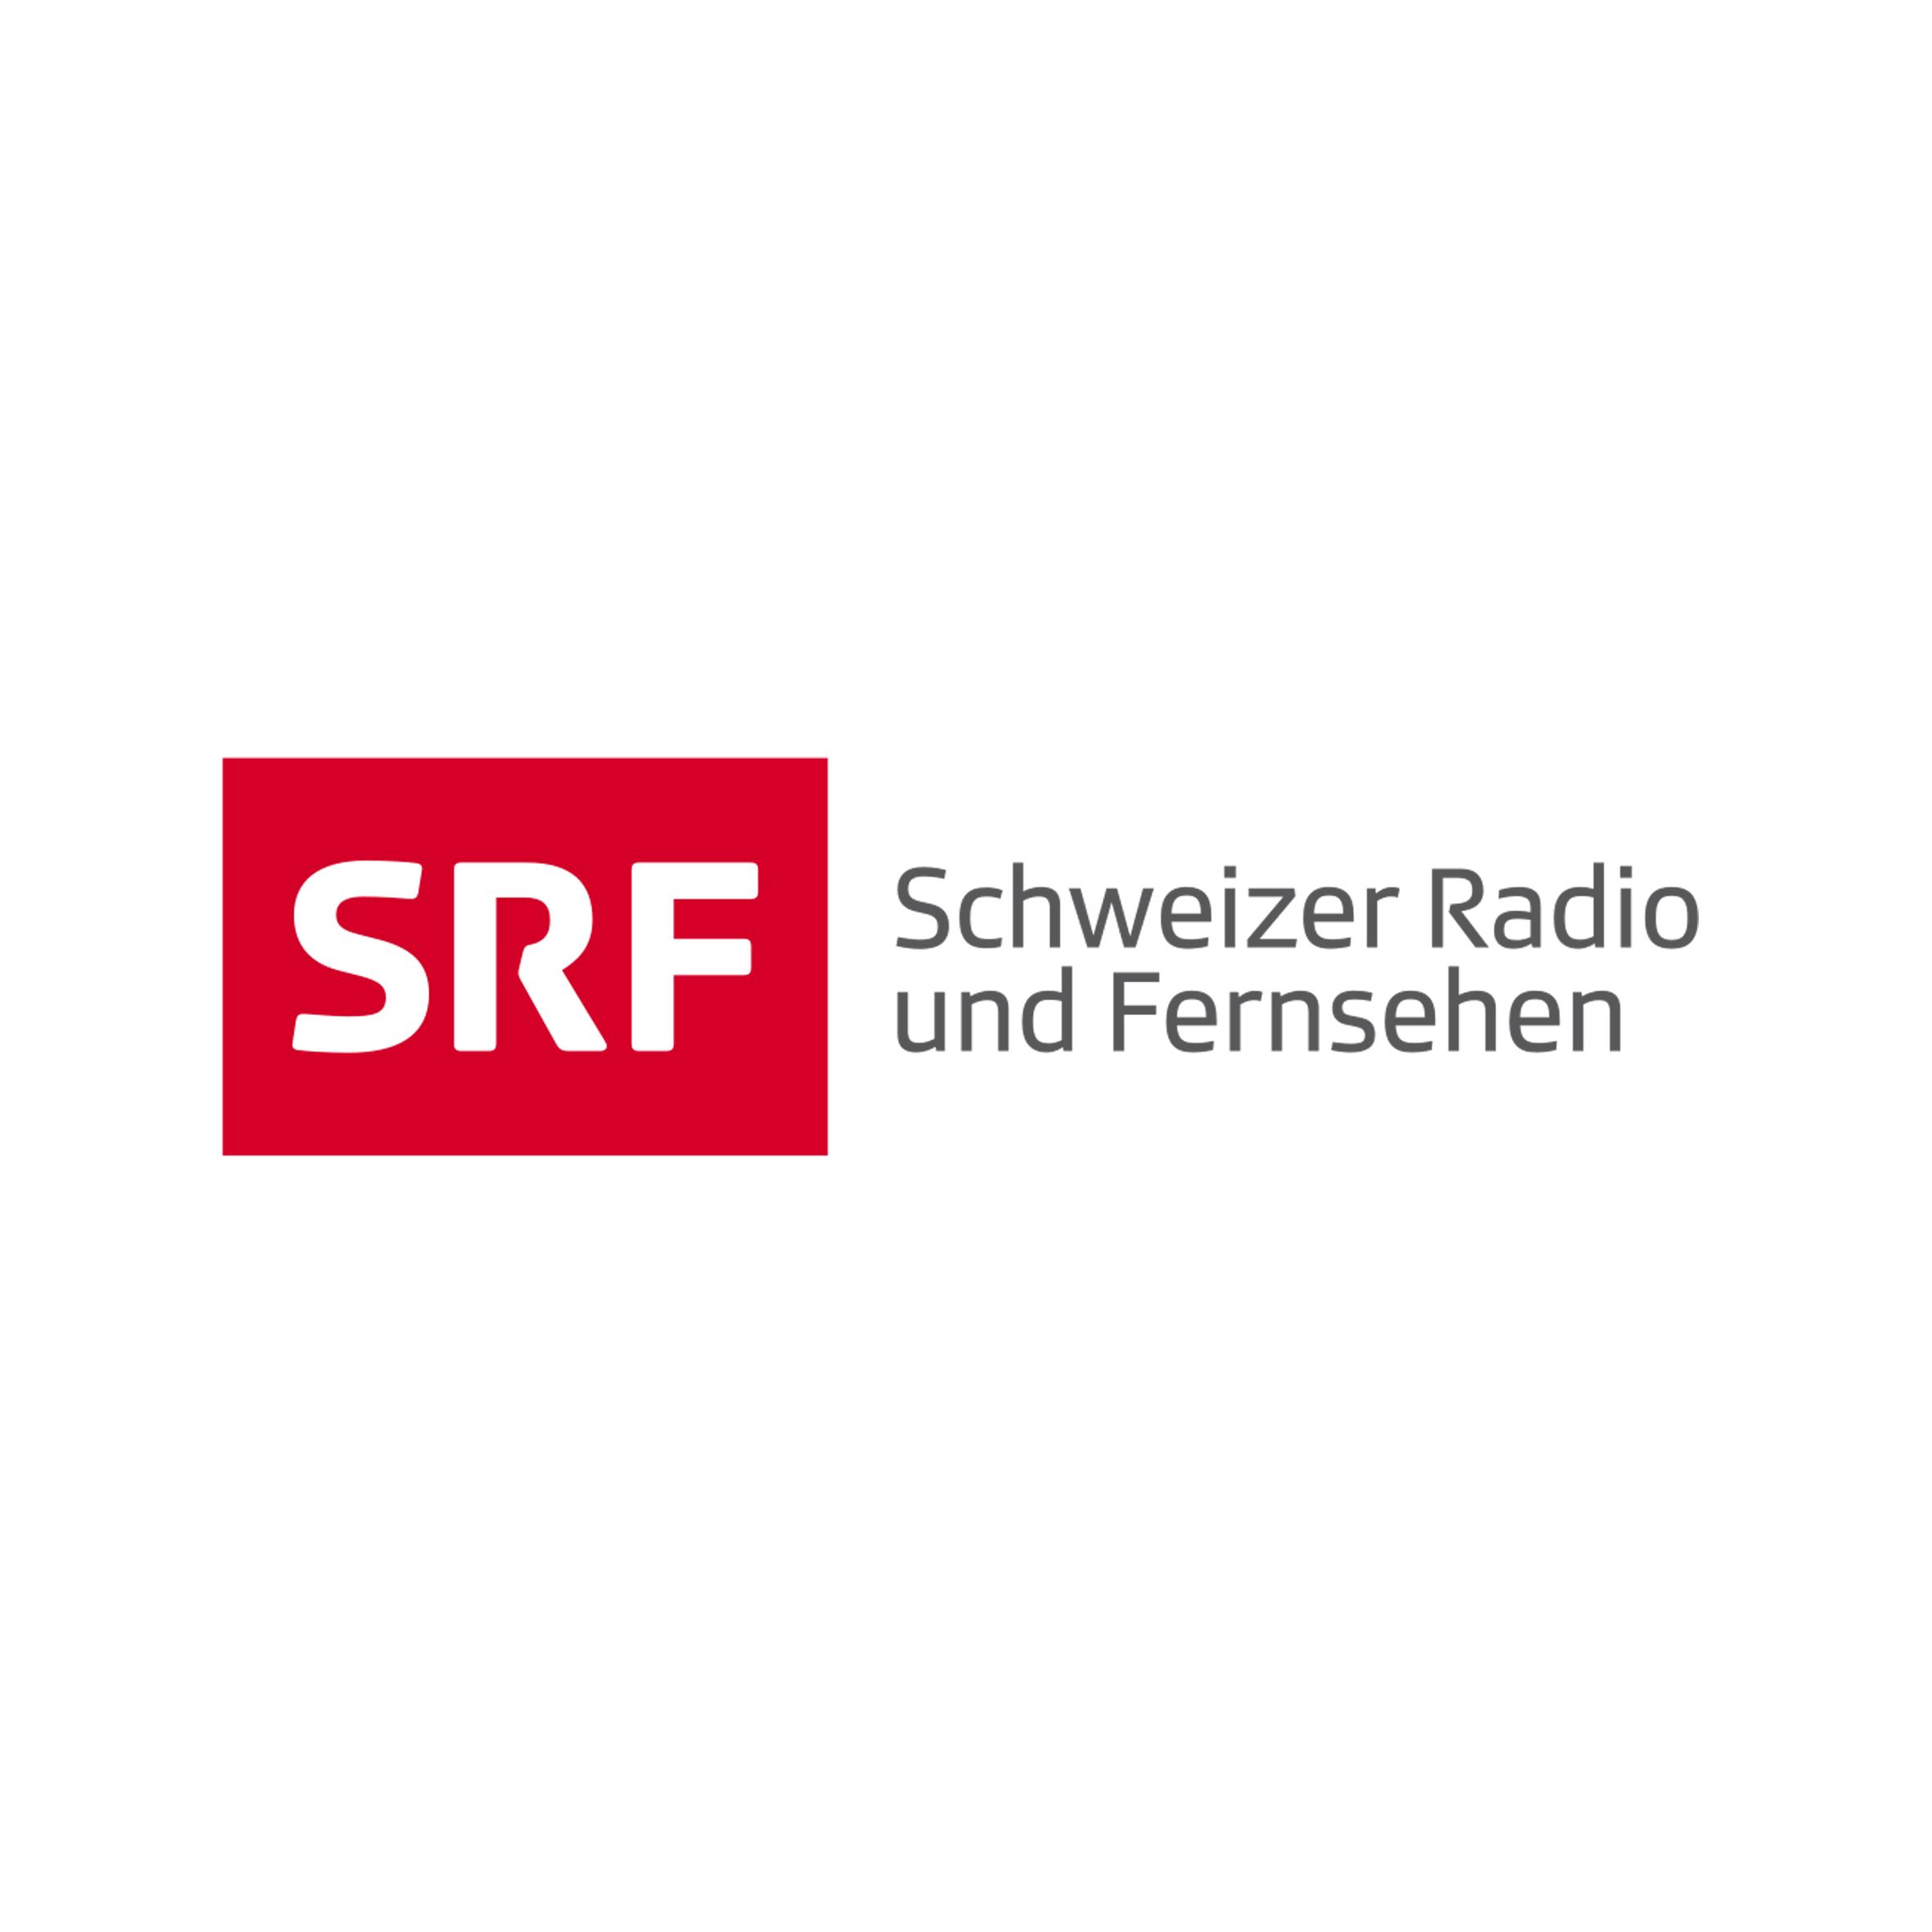 SFR_per_piccolo_principe_news_larixpress